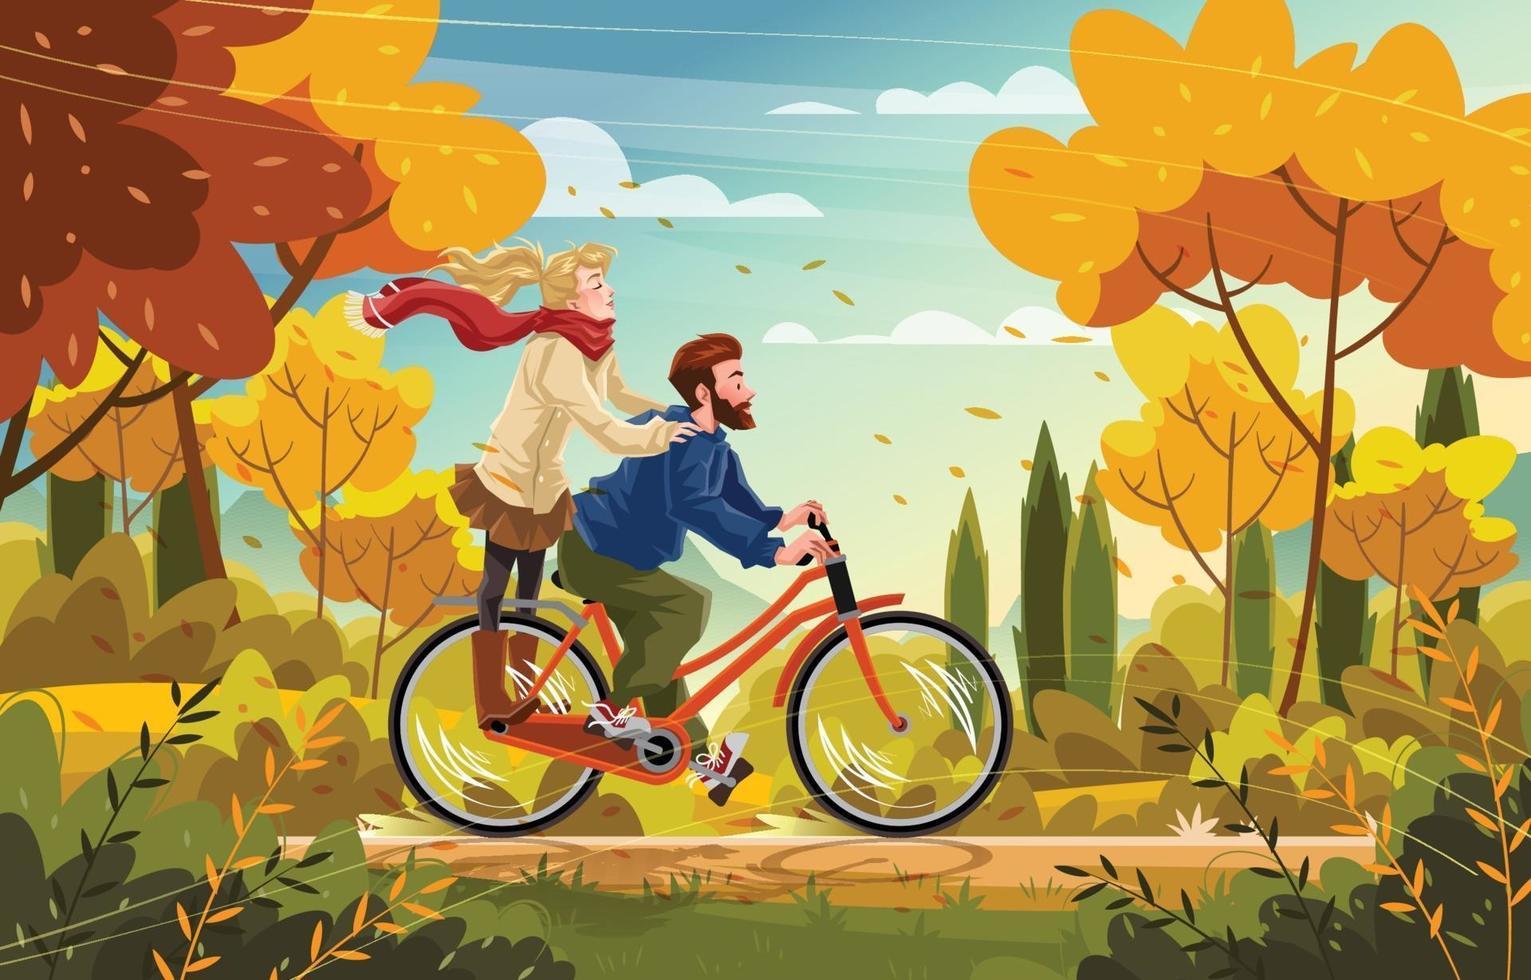 Pareja montando bicicleta en el concepto de parque de otoño vector